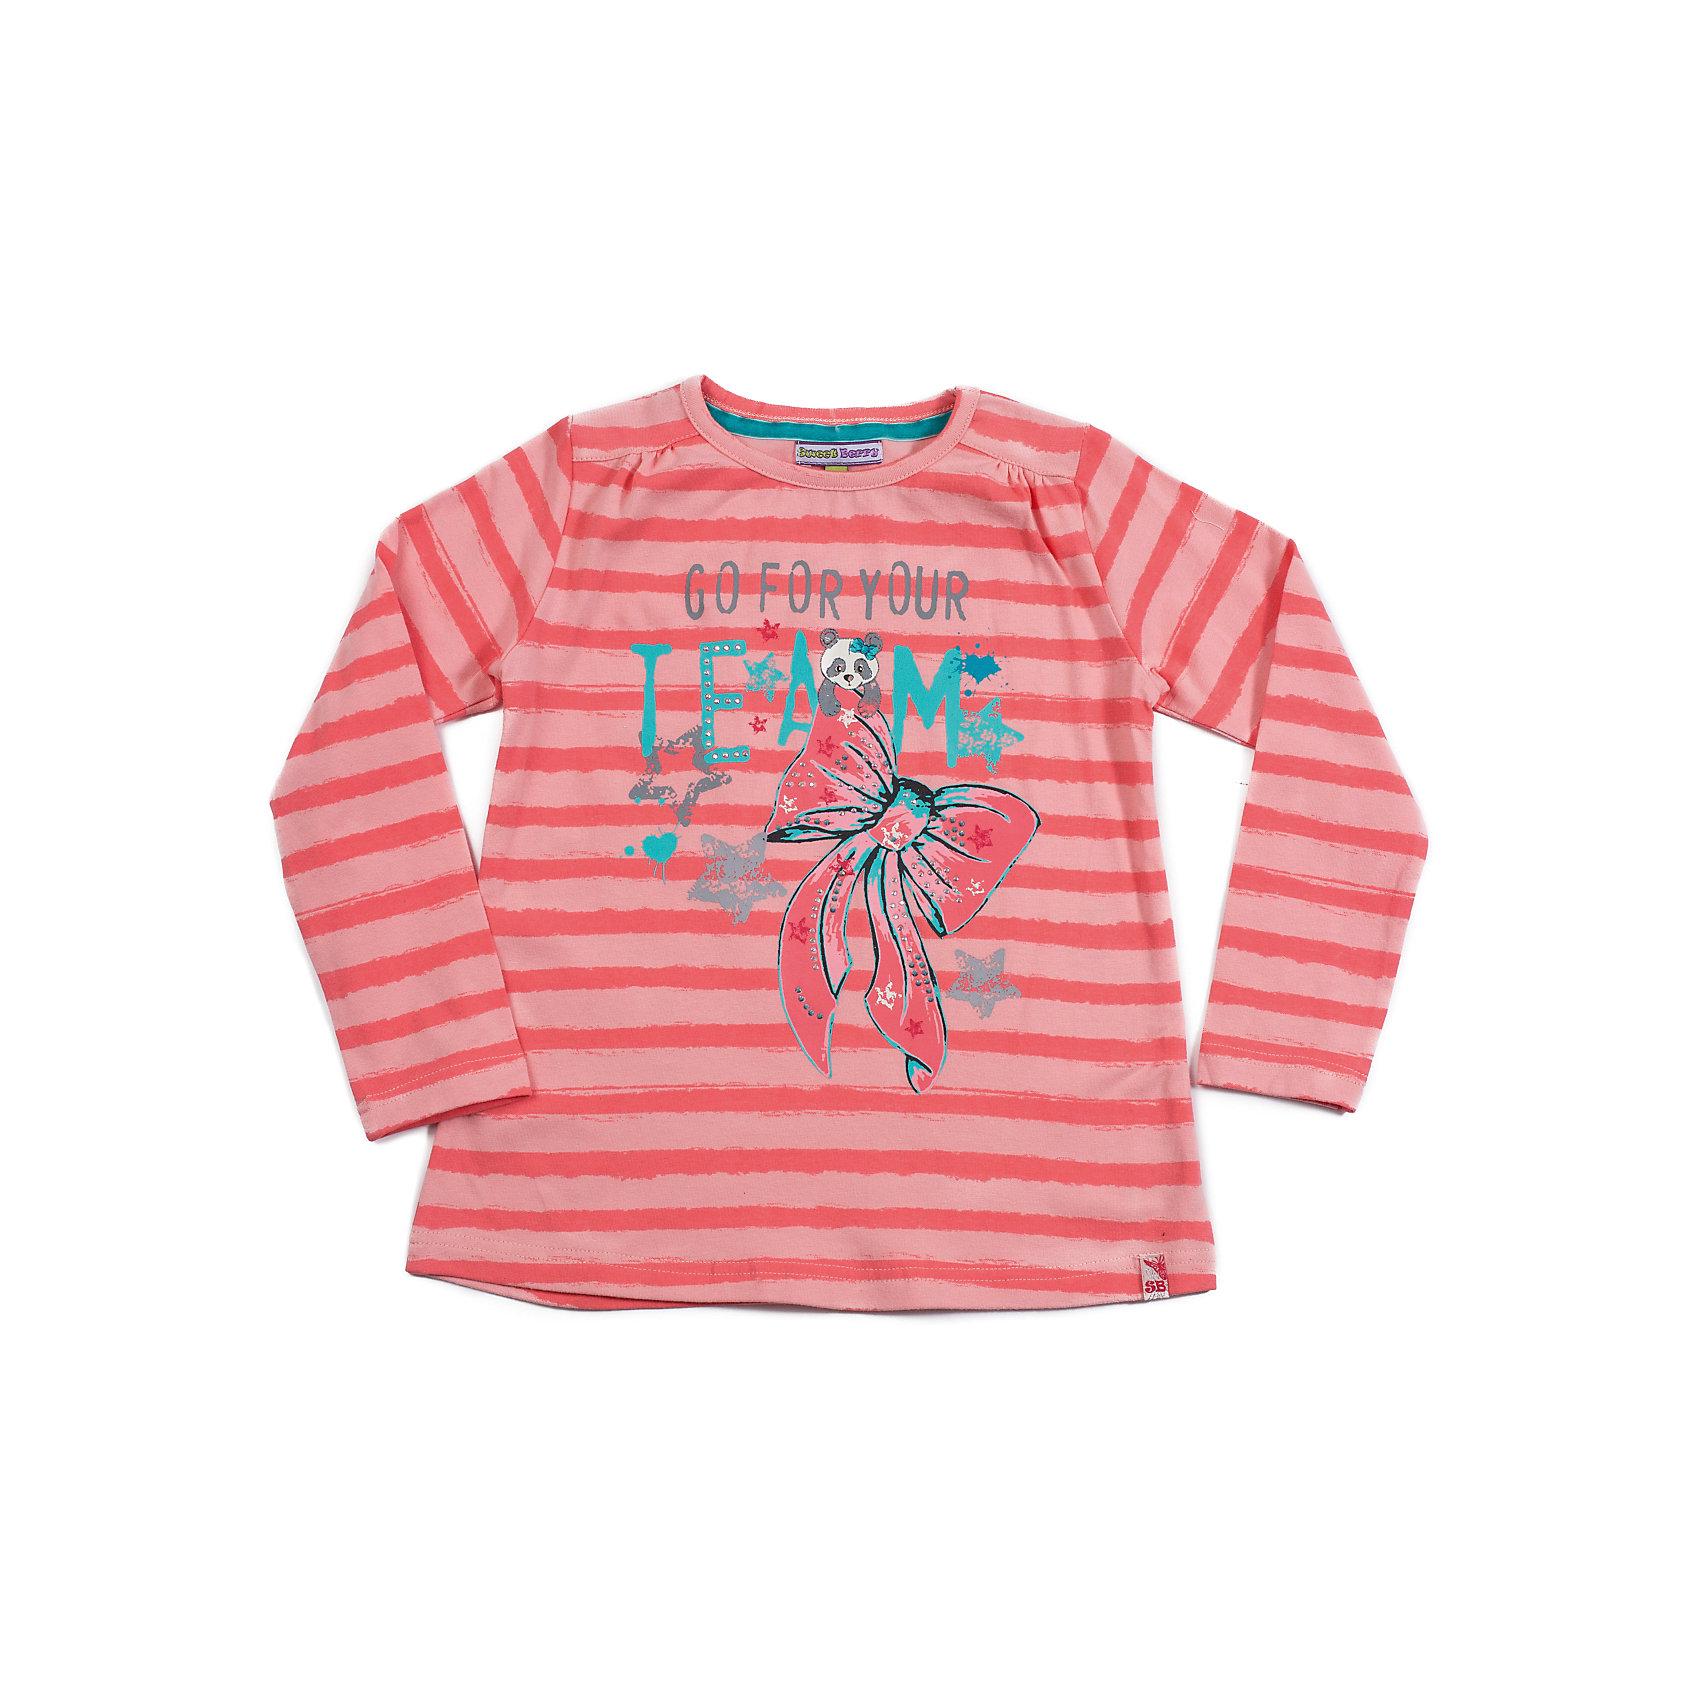 Футболка с длинным рукавом для девочки Sweet BerryФутболки с длинным рукавом<br>Модная футболка с длинным рукавом А-силуэта для девочки, в полоску, декорирована принтом со стразами.<br>Состав:<br>95% хлопок, 5% эластан<br><br>Ширина мм: 230<br>Глубина мм: 40<br>Высота мм: 220<br>Вес г: 250<br>Цвет: розовый<br>Возраст от месяцев: 60<br>Возраст до месяцев: 72<br>Пол: Женский<br>Возраст: Детский<br>Размер: 116,110,122,104,98,128<br>SKU: 4272882